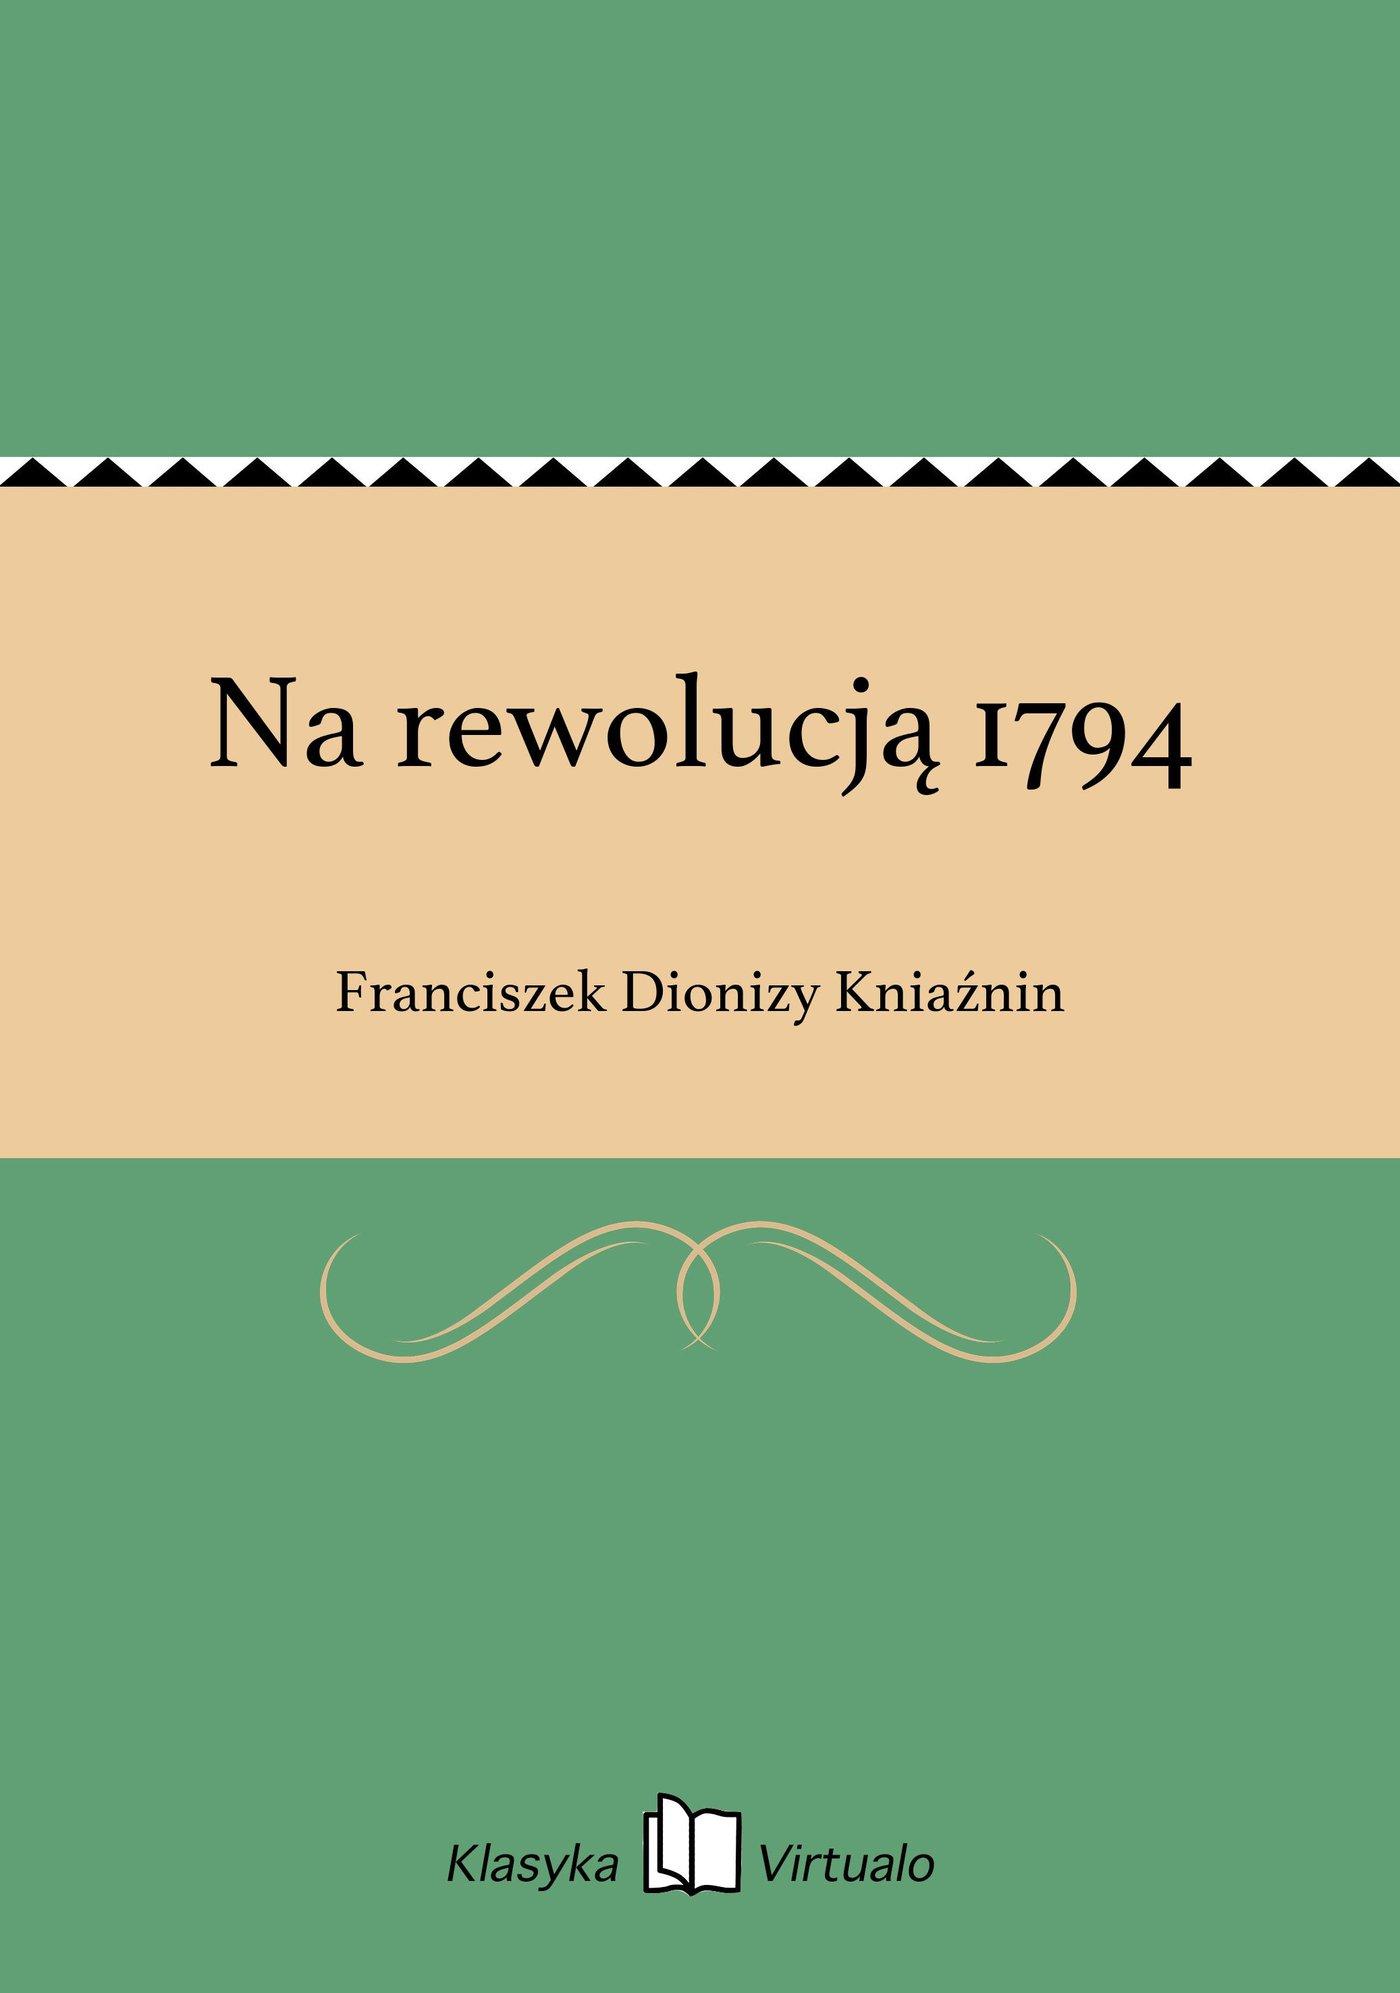 Na rewolucją 1794 - Ebook (Książka EPUB) do pobrania w formacie EPUB